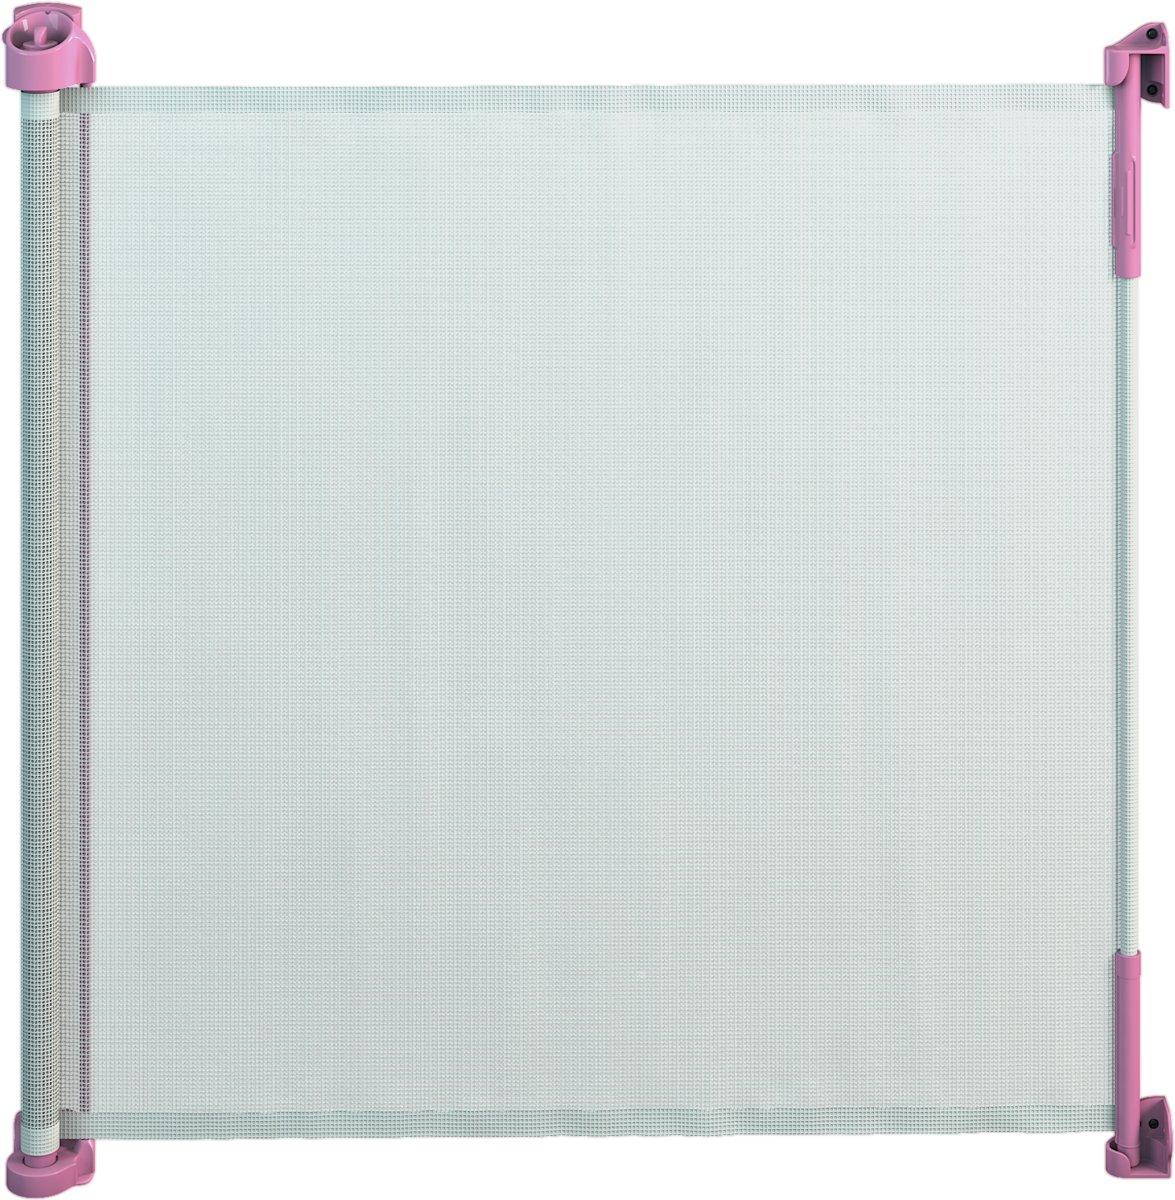 Gaterol Active Lite Roze – Uittrekbaar trap- en deurhekje Rollo, tot 140 cm